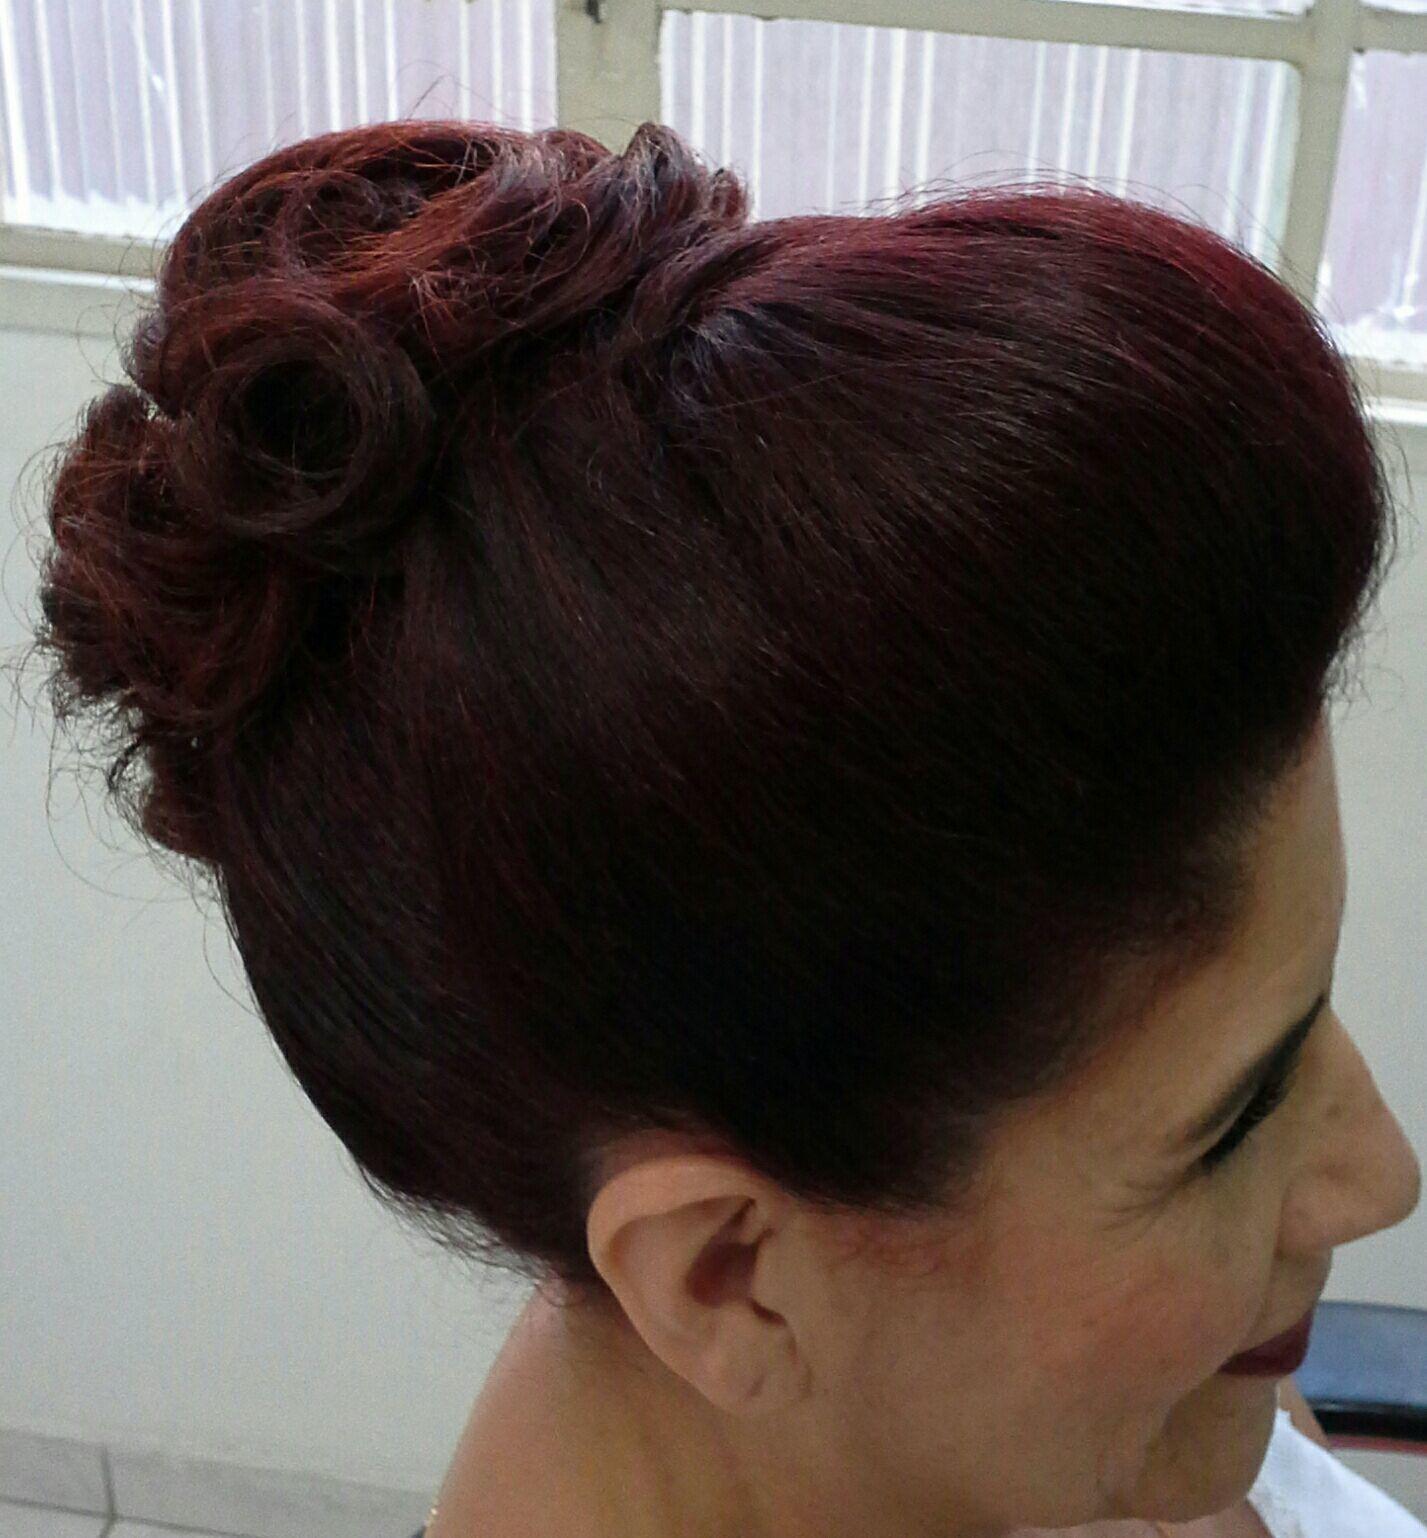 Penteado e  maquiagem cabelo stylist / visagista cabeleireiro(a)